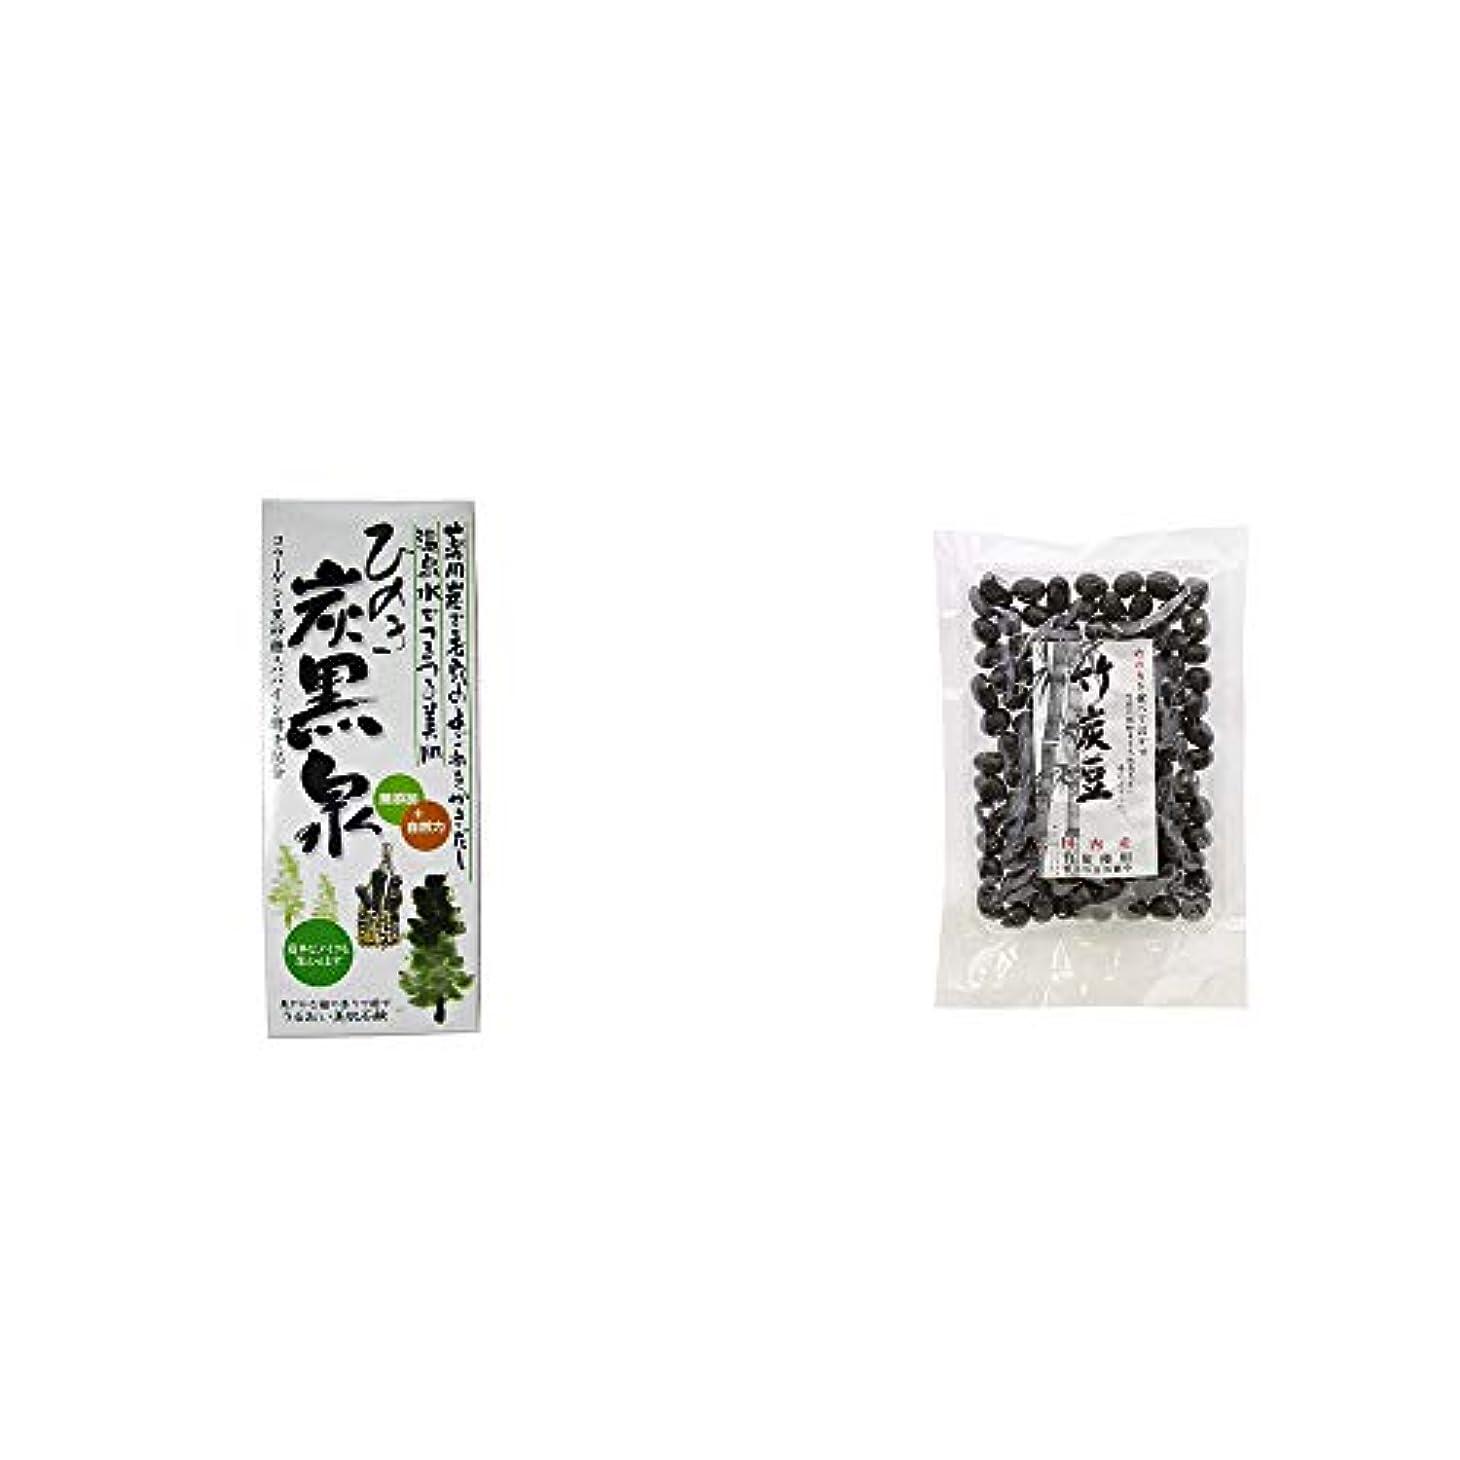 追加する推定作成者[2点セット] ひのき炭黒泉 箱入り(75g×3)?国内産 竹炭使用 竹炭豆(160g)